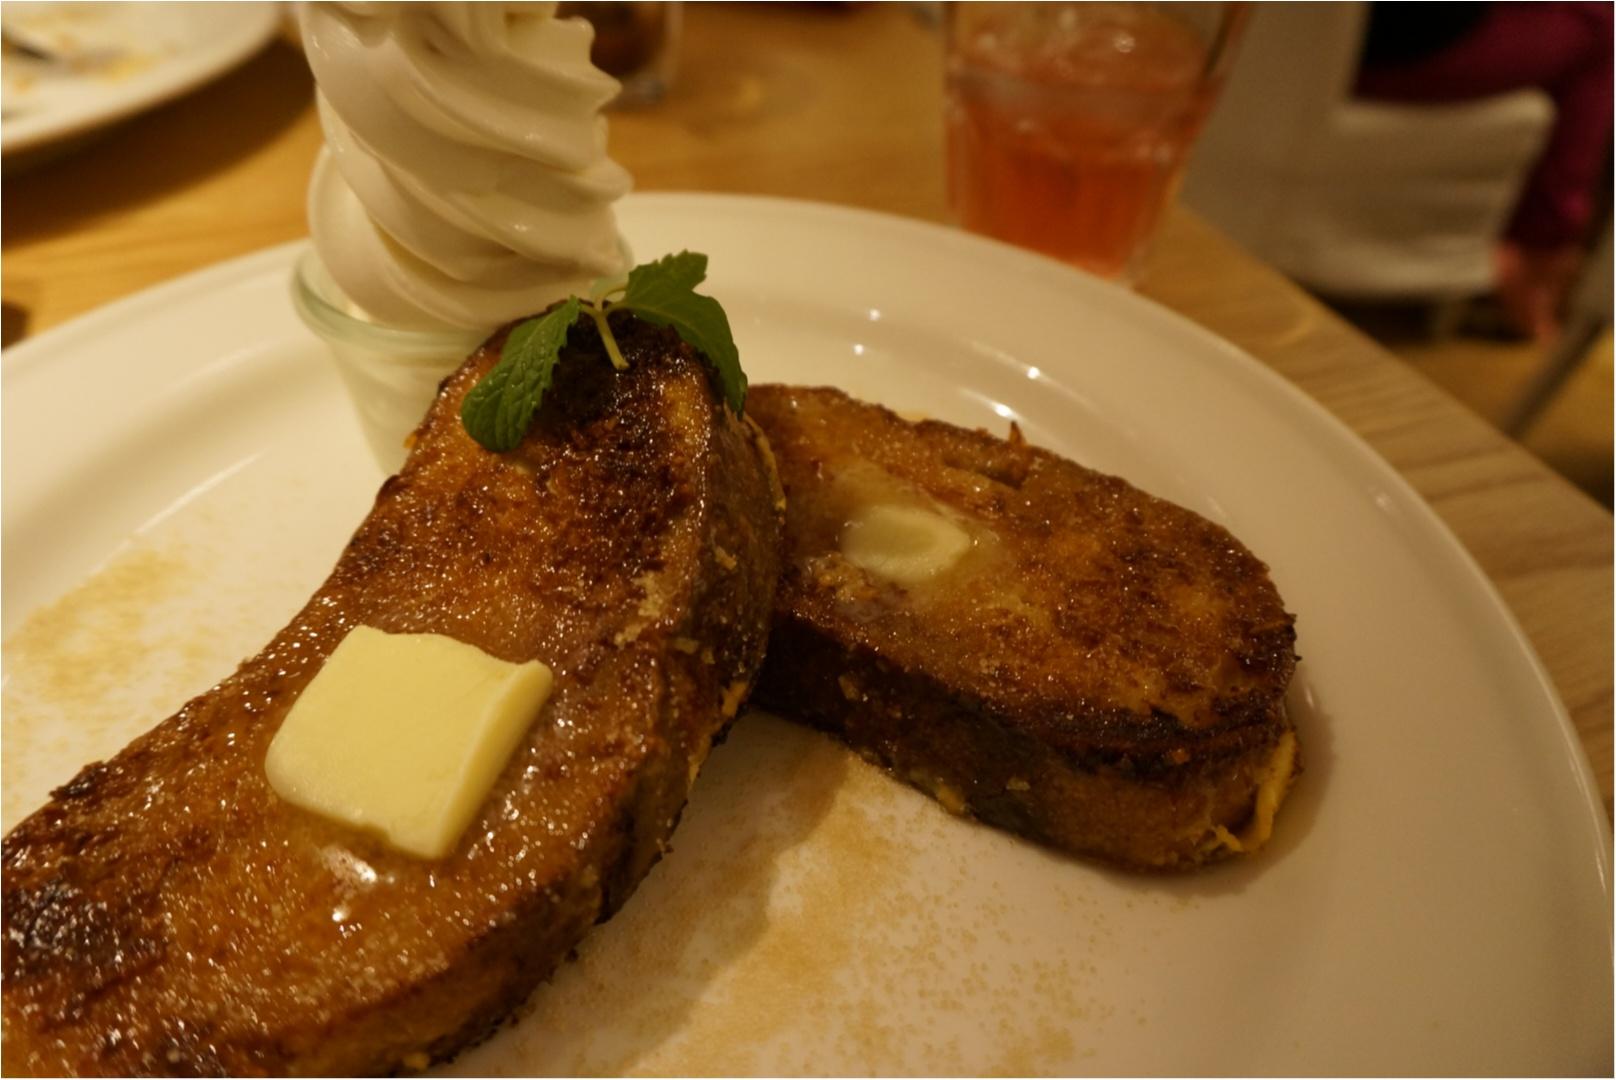 白と木材を基調としたニュートラルな空間でカフェTIME♪《24/7Cafe apartment》で食べれる美味しいフレンチトースト♡_4